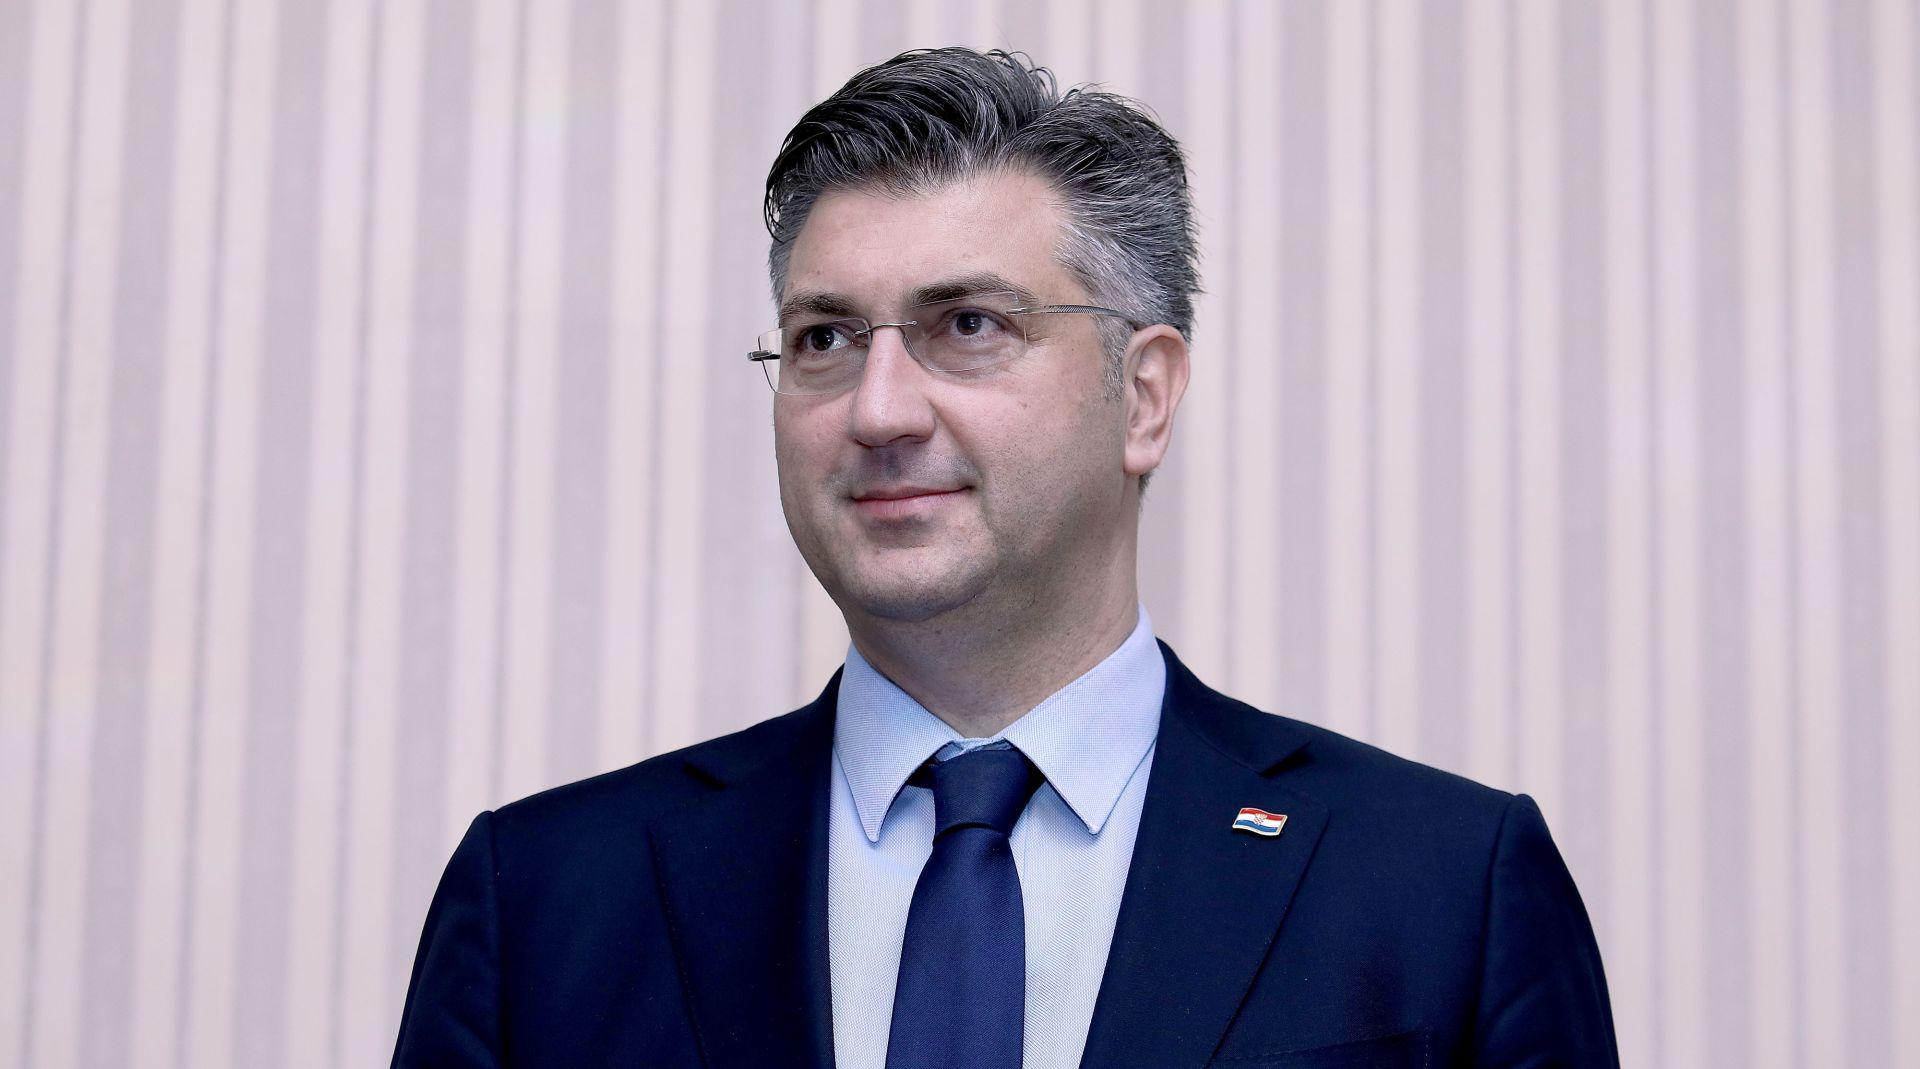 Premijer Plenković najavio povećanje nagrada vrhunskim sportašima